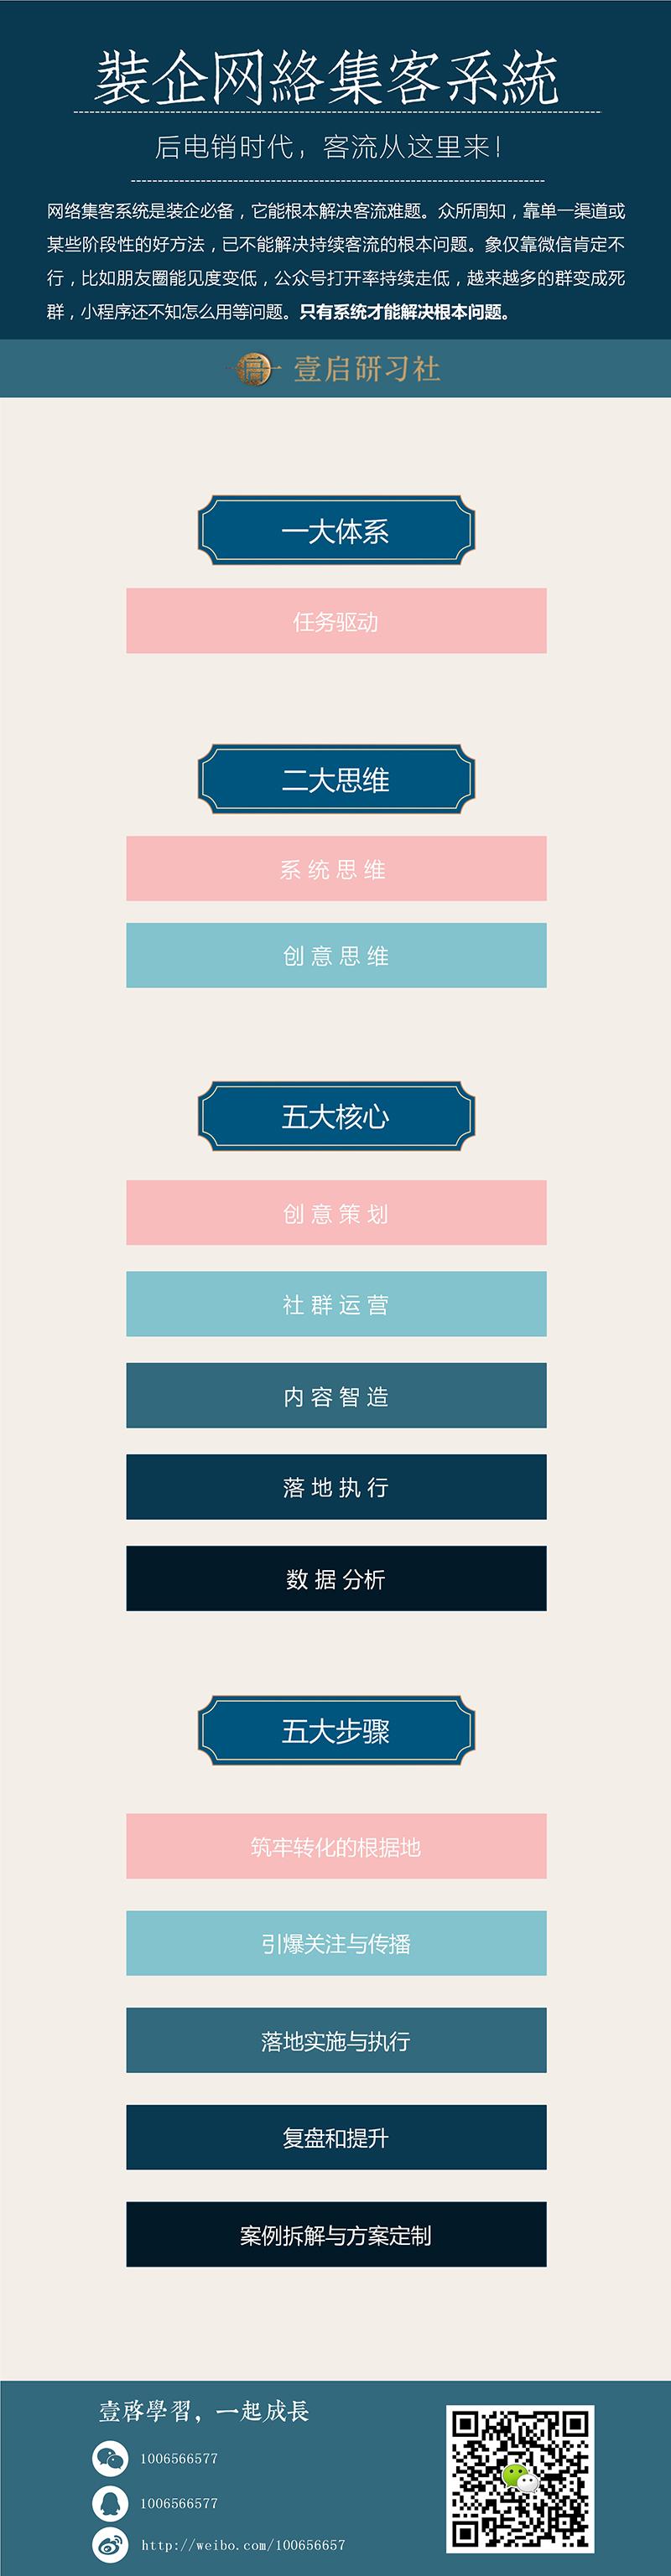 集客系统01(体系).jpg